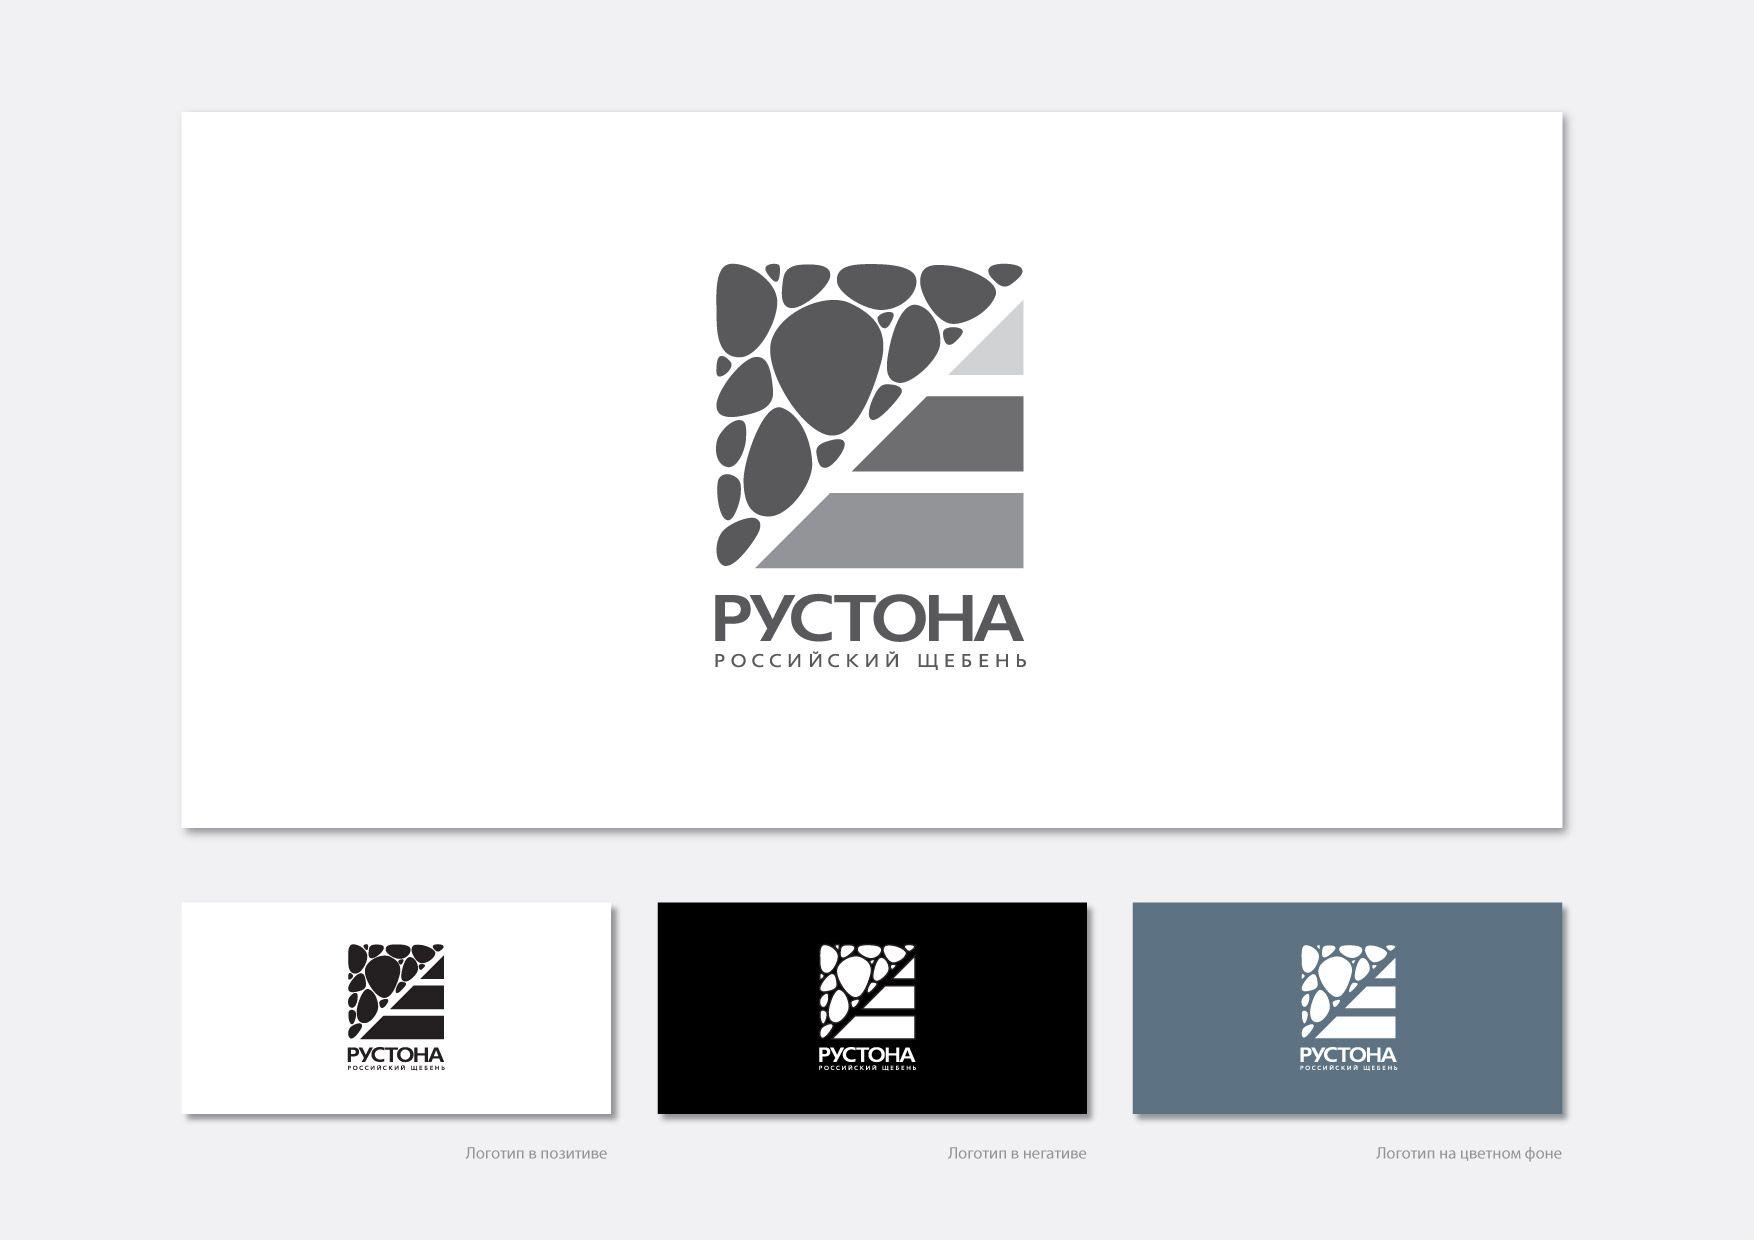 Логотип для компании Рустона (www.rustona.com) - дизайнер igor_kireyev